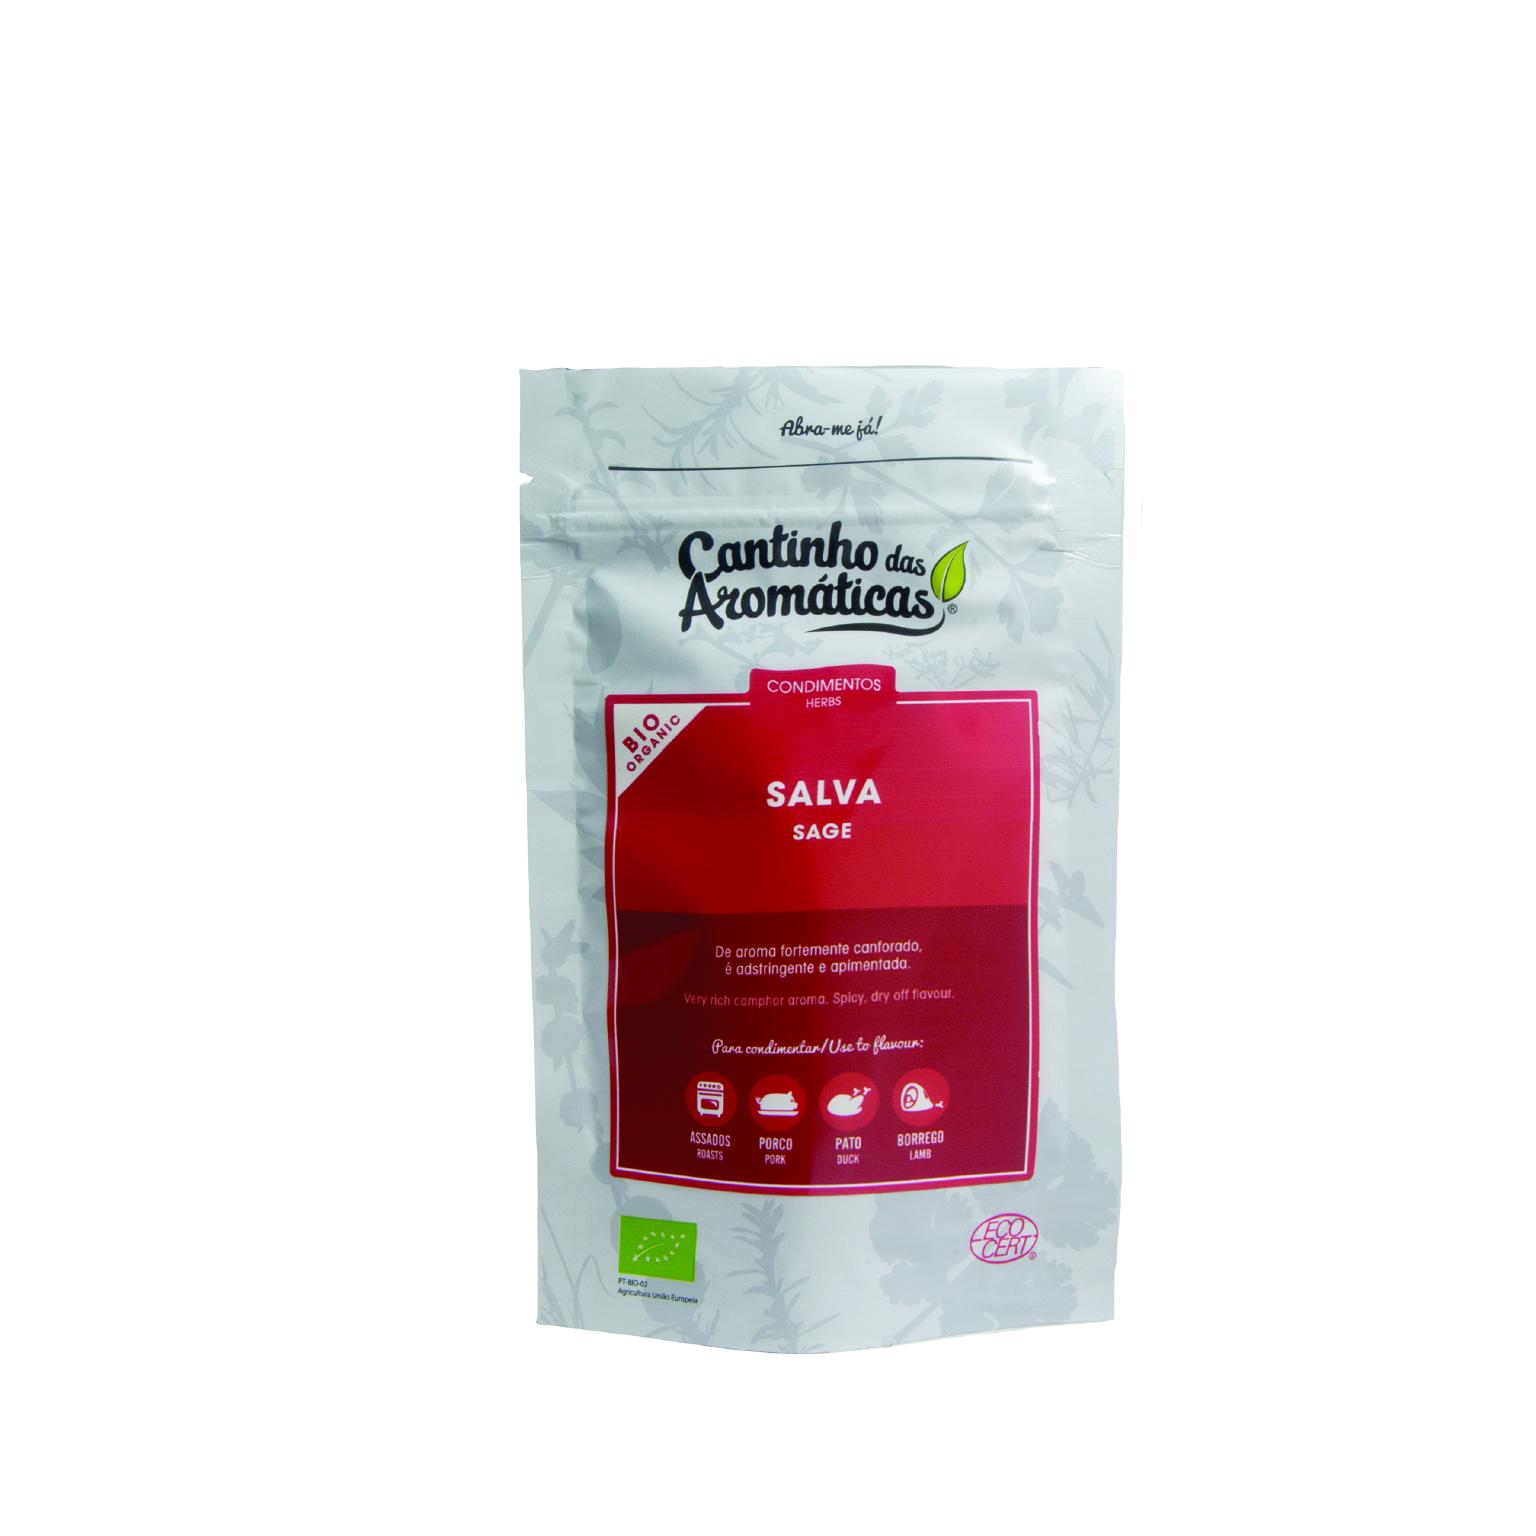 http://www.cantinhodasaromaticas.pt/loja/condimentos-bio-cantinho-das-aromaticas/salva-bio-embalagem-20g/